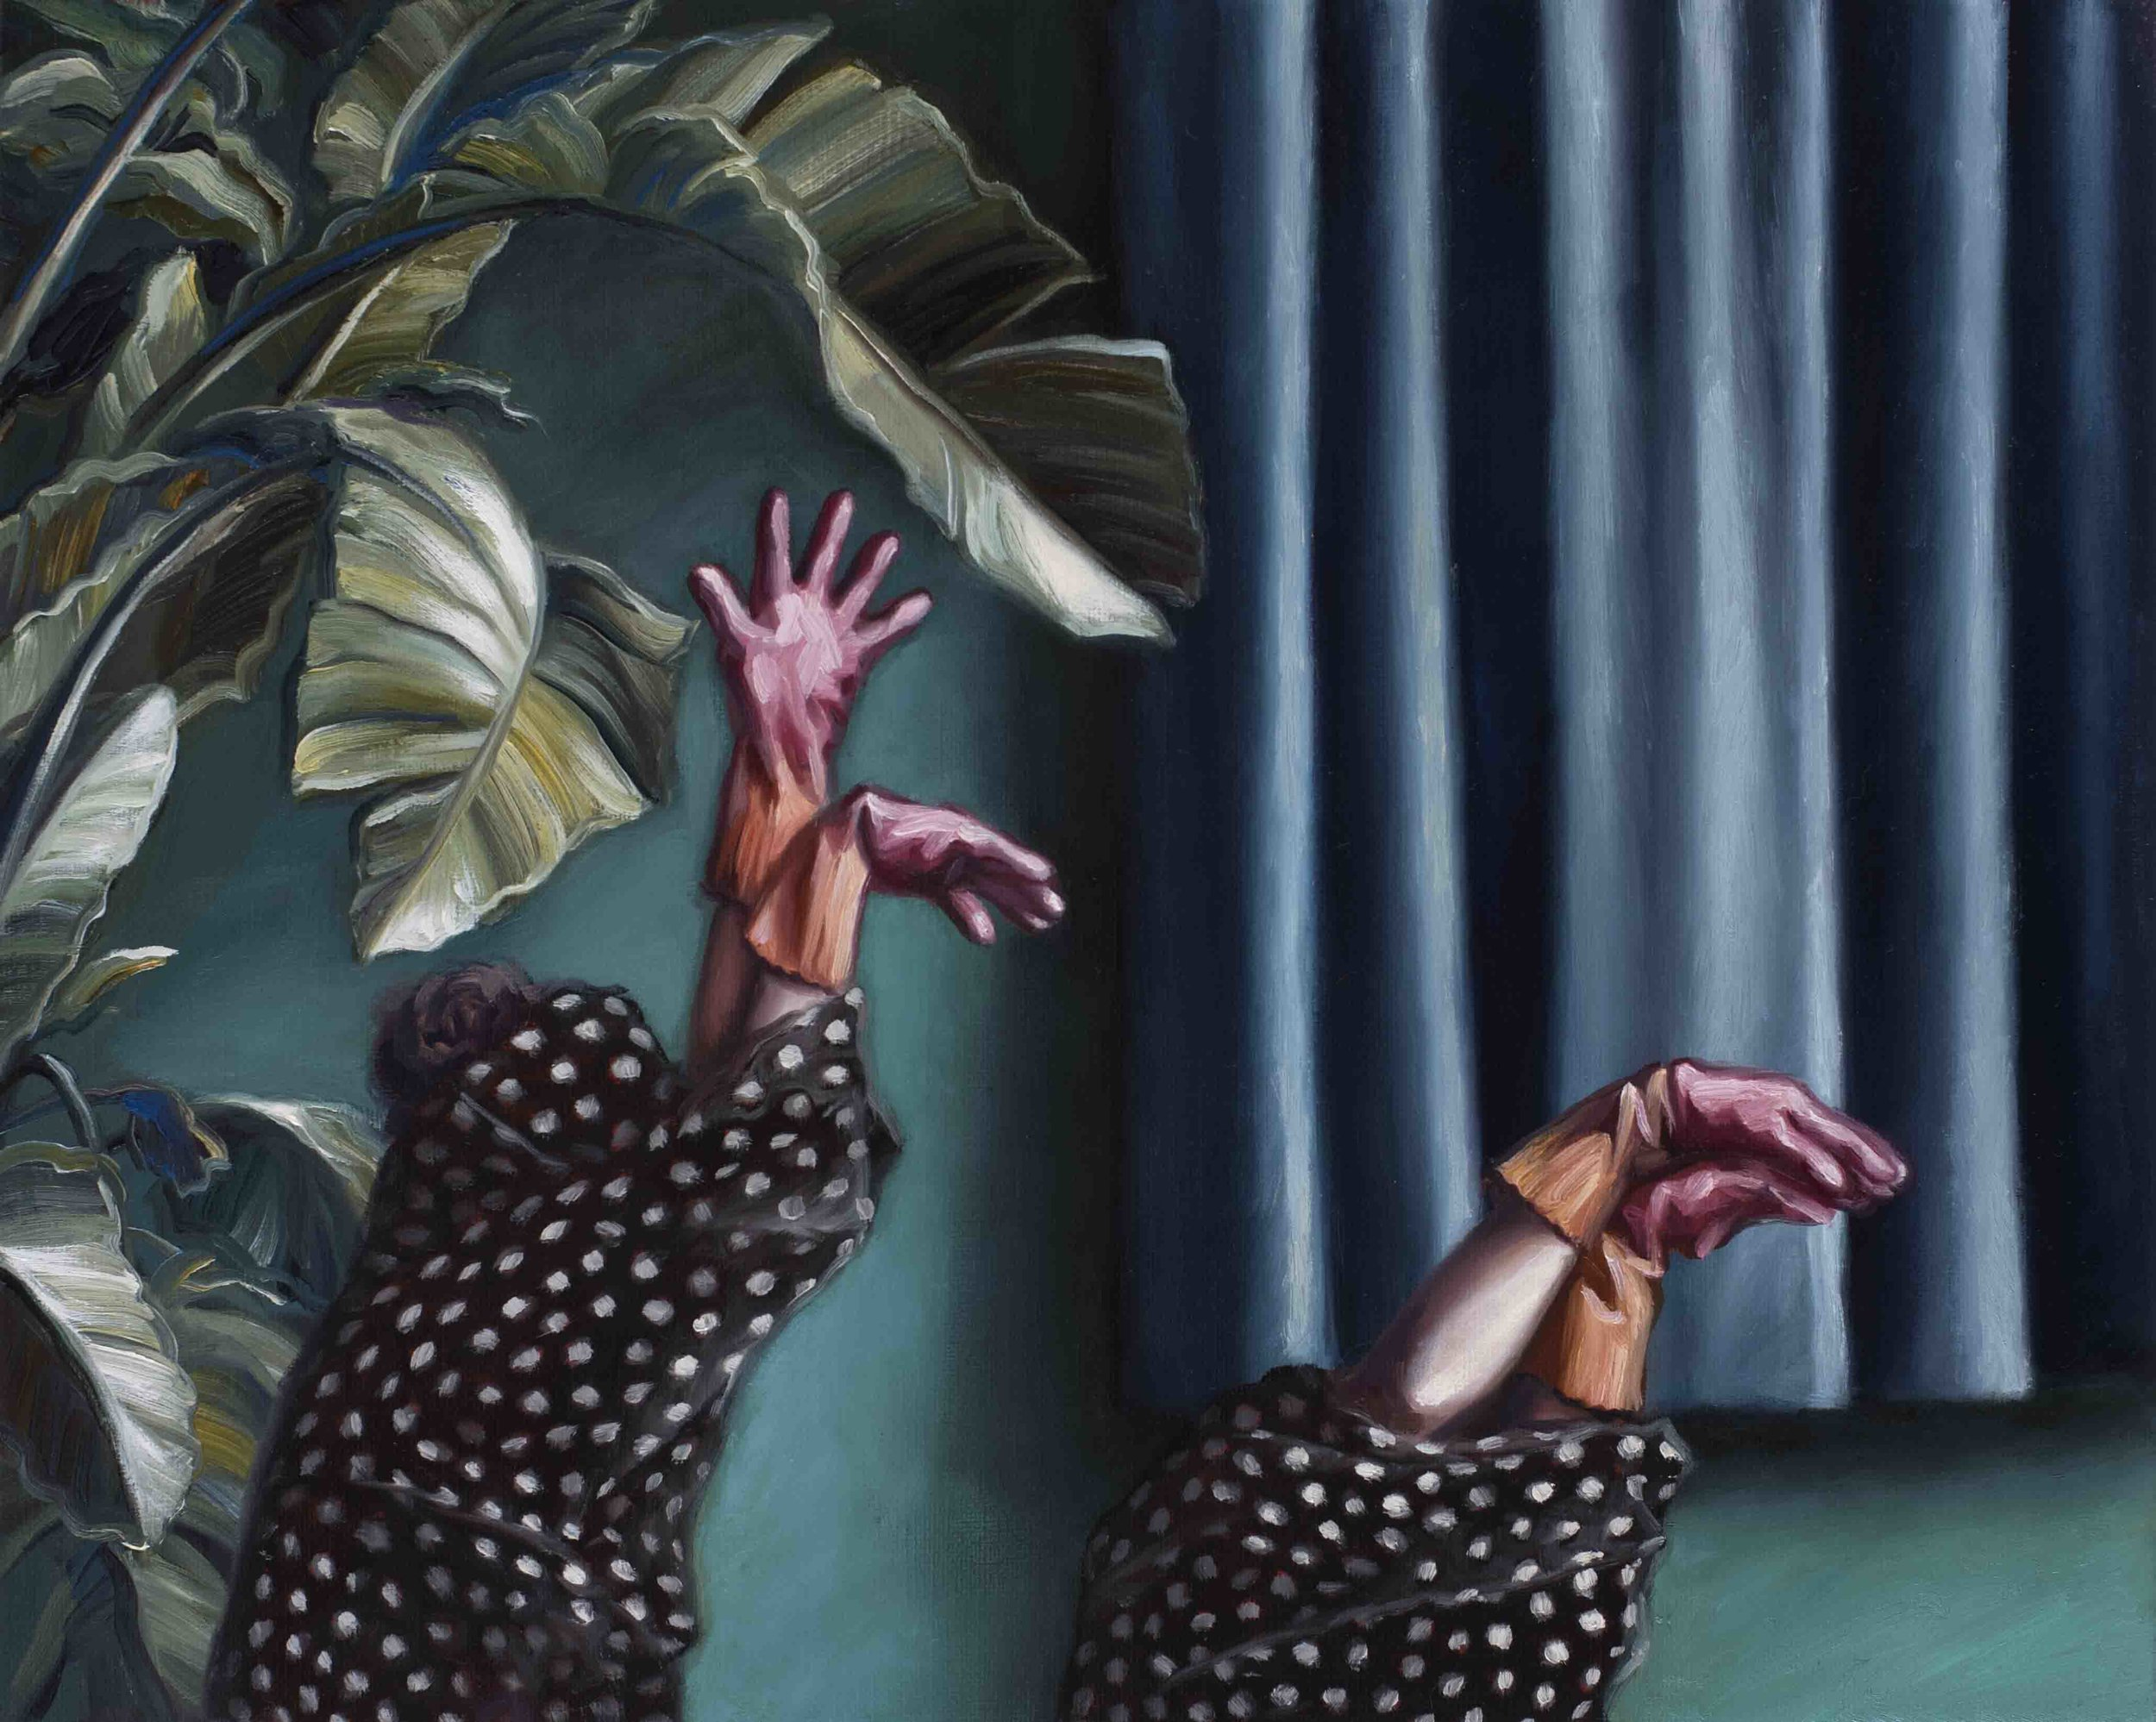 Amber Koroluk-Stephenson, The Hunt, 2017, oil on linen, 40 x 50cm